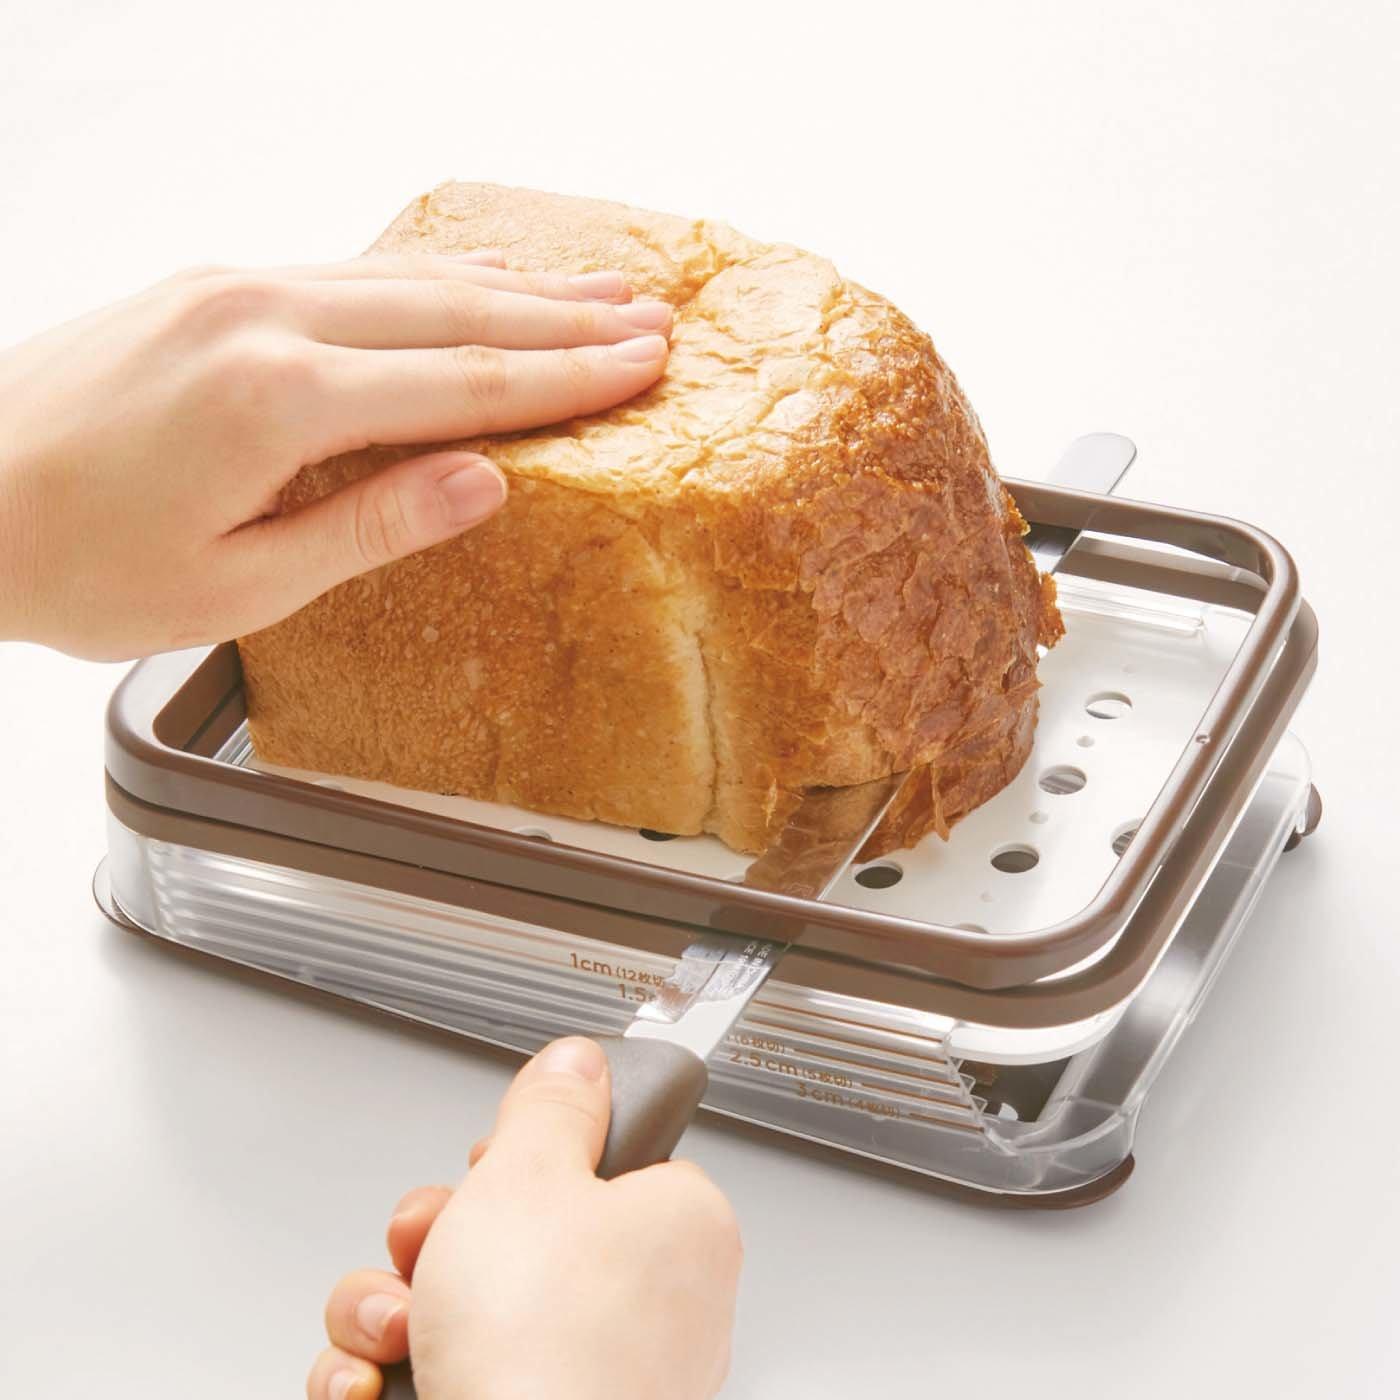 厚切りからサンドイッチまで 横切り安定パンスライサー